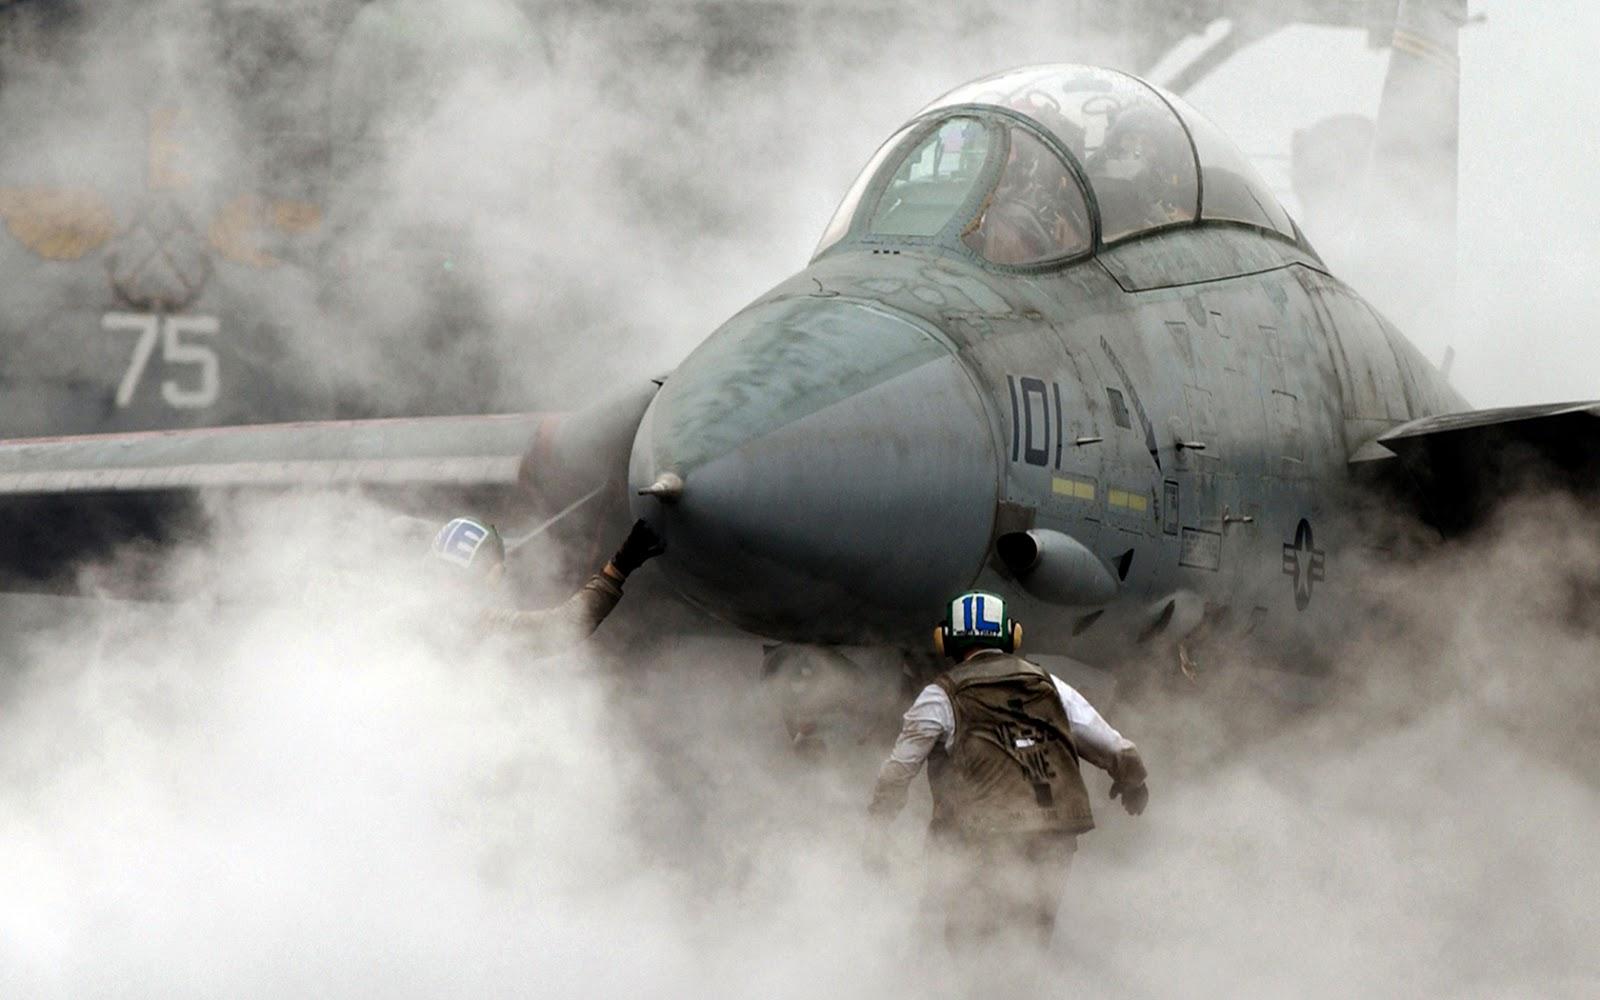 http://2.bp.blogspot.com/-qyMMGK5wrlU/UIfQRvqJw7I/AAAAAAAAIzM/h9O-JAfnfh8/s1600/aircraft_desktop_1680x1050_hd-wallpaper-853107.jpeg